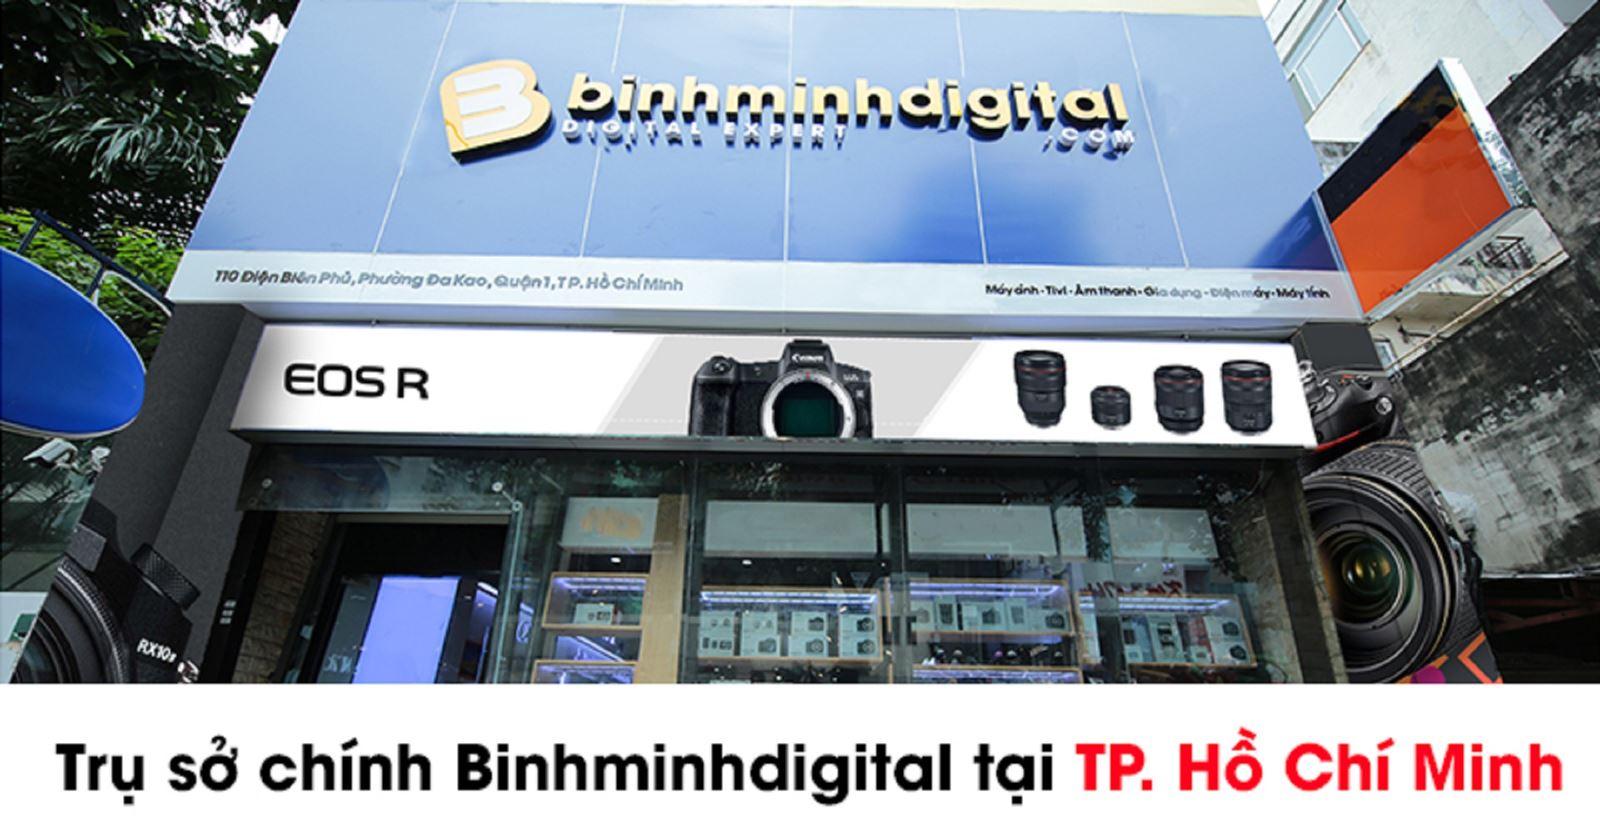 Trụ sở chính Bình Minh Digital tại TP. Hồ Chí Minh